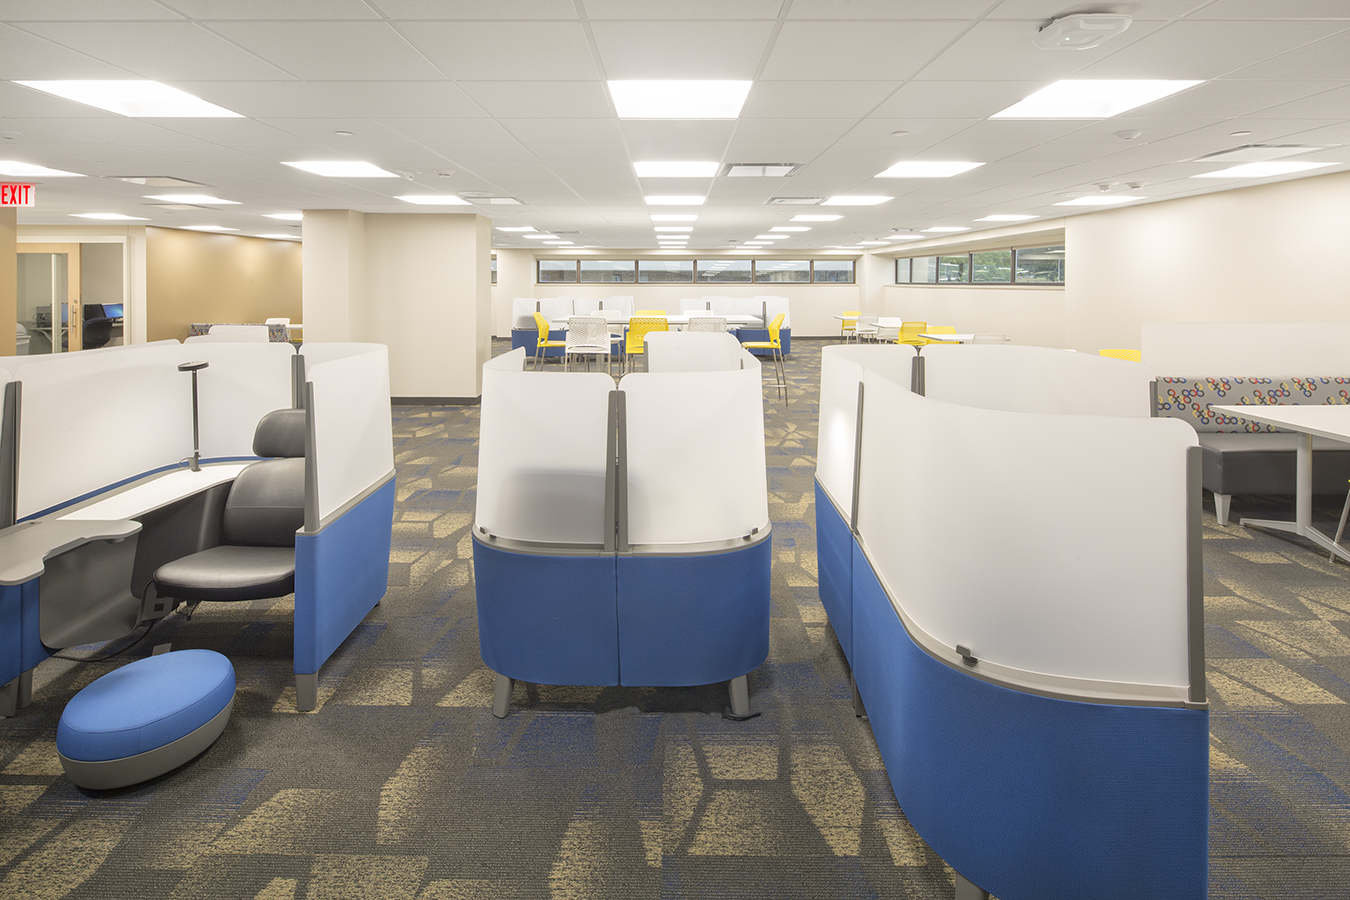 architectural interiors interior design furniture educational education